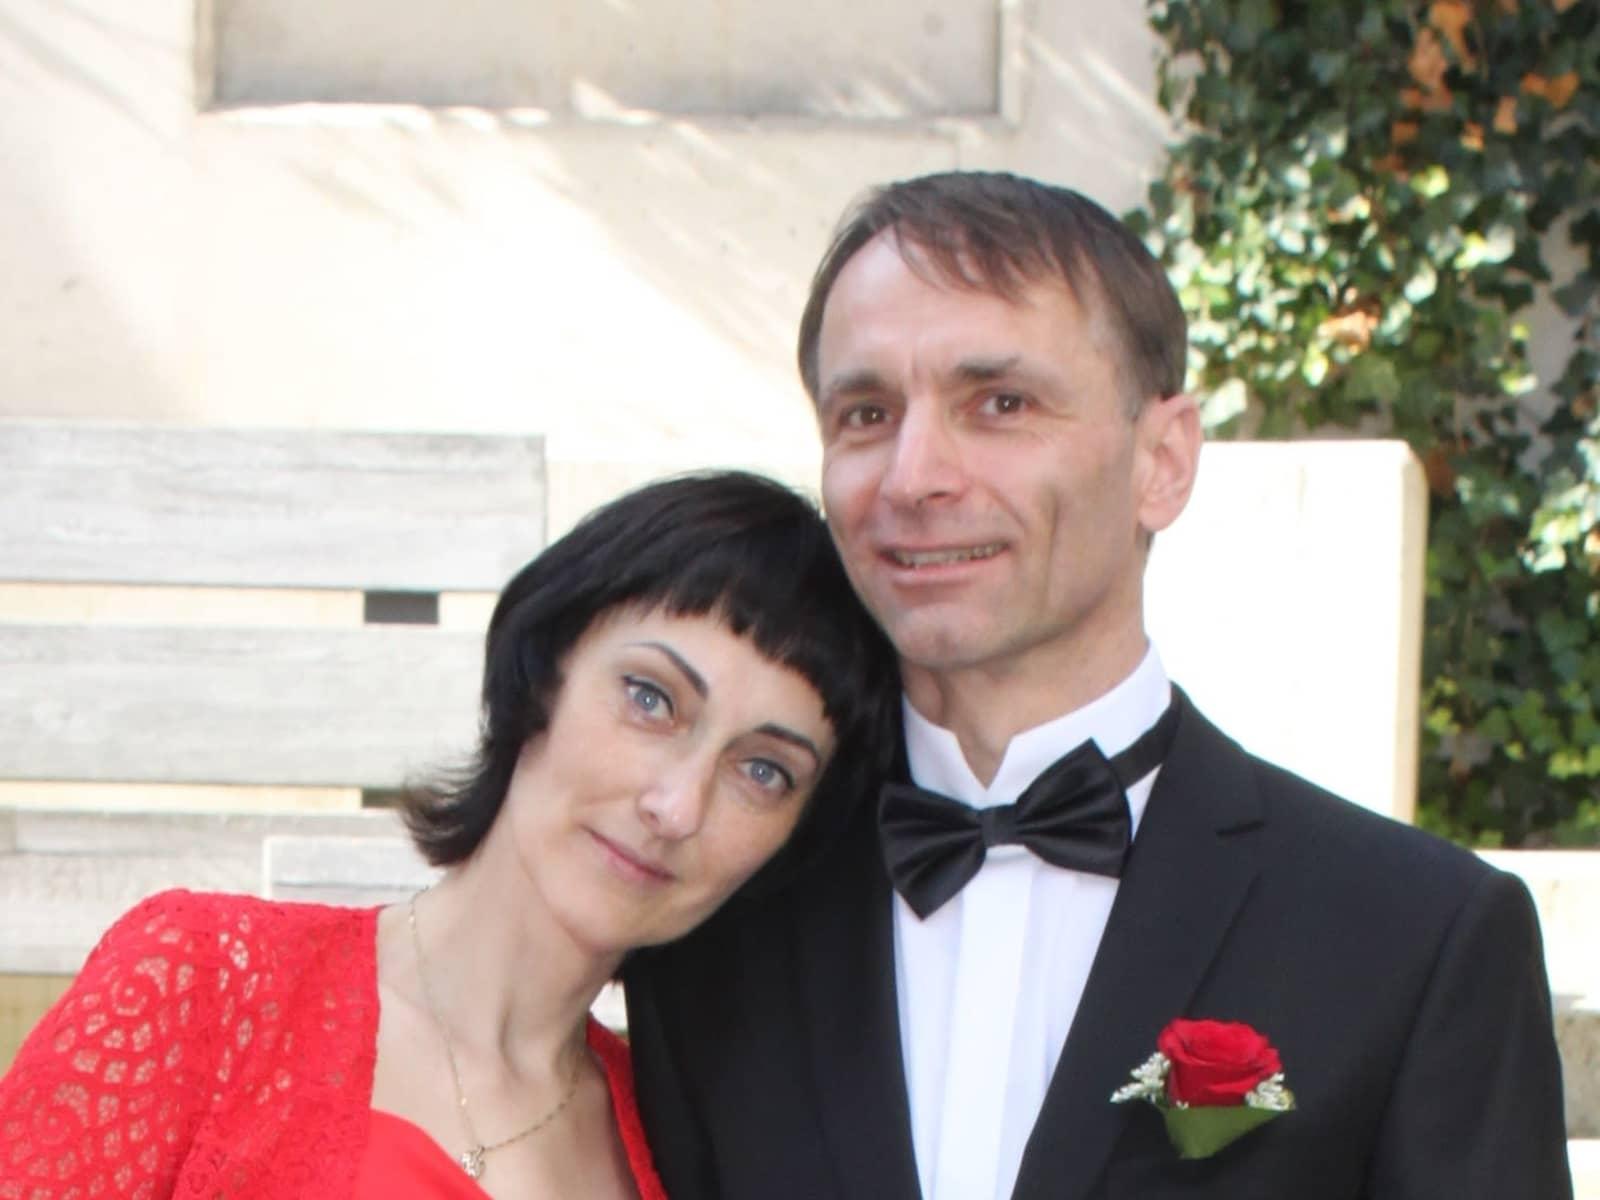 Inna & Karsten from Mittweida, Germany